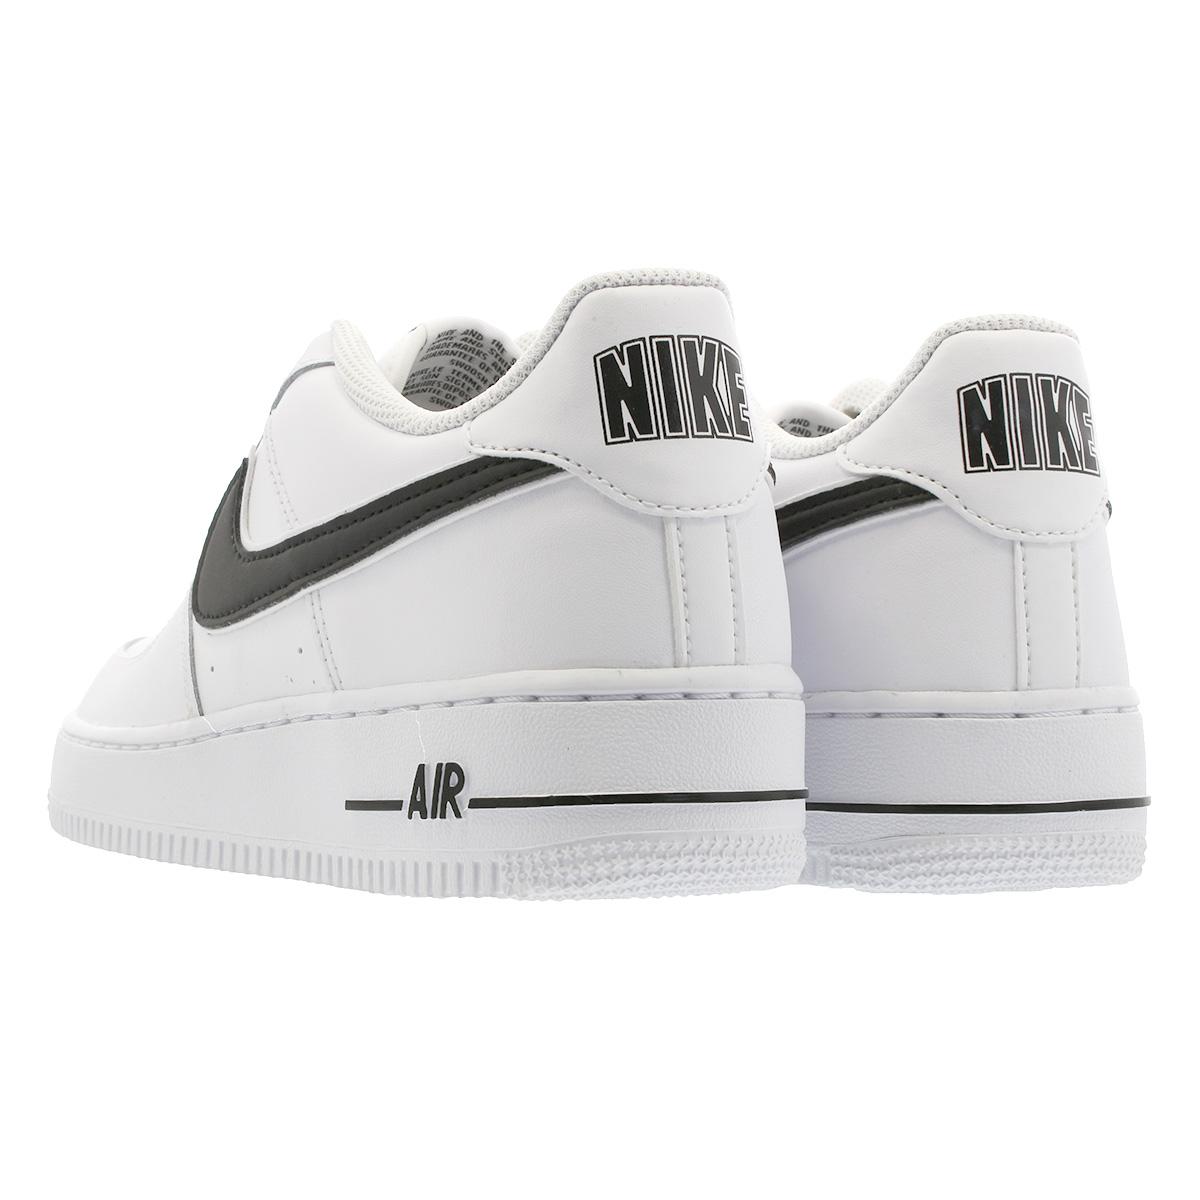 Force 1 100 Whiteblack Gs Air Nike 3 Av6252 uwOPikXTZl